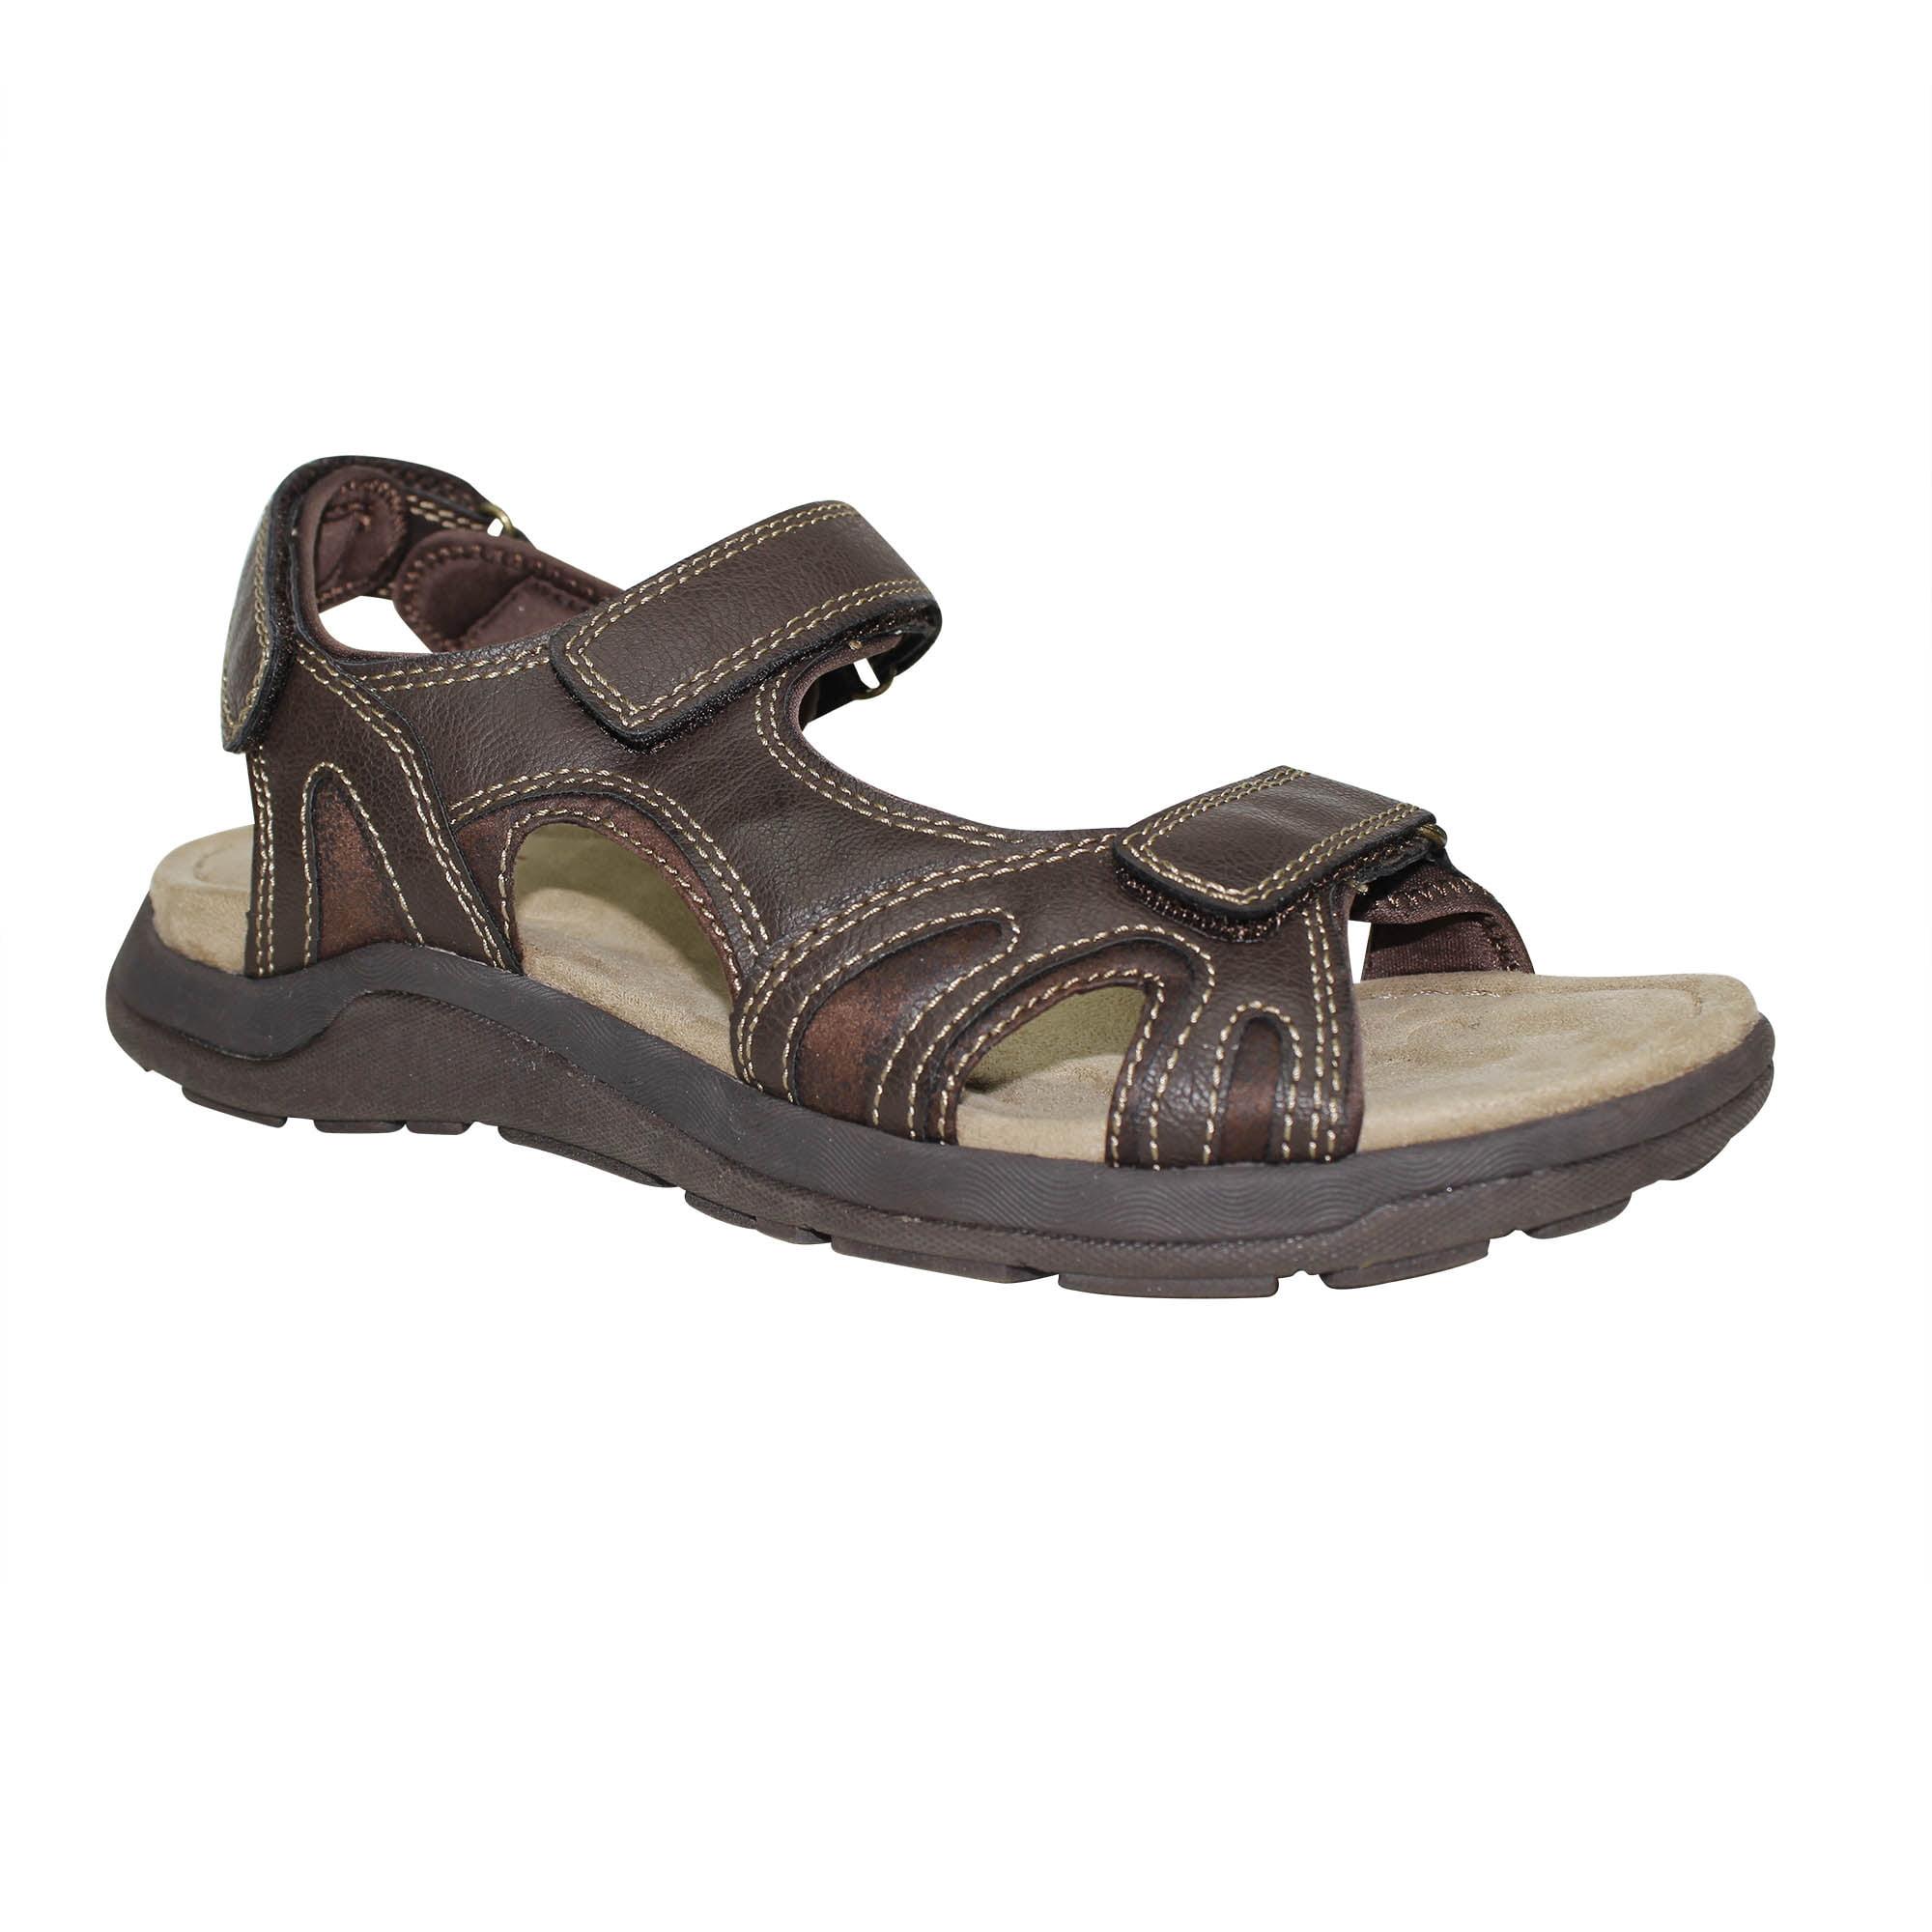 Wrangler - Wrangler Men's Strap Sandal